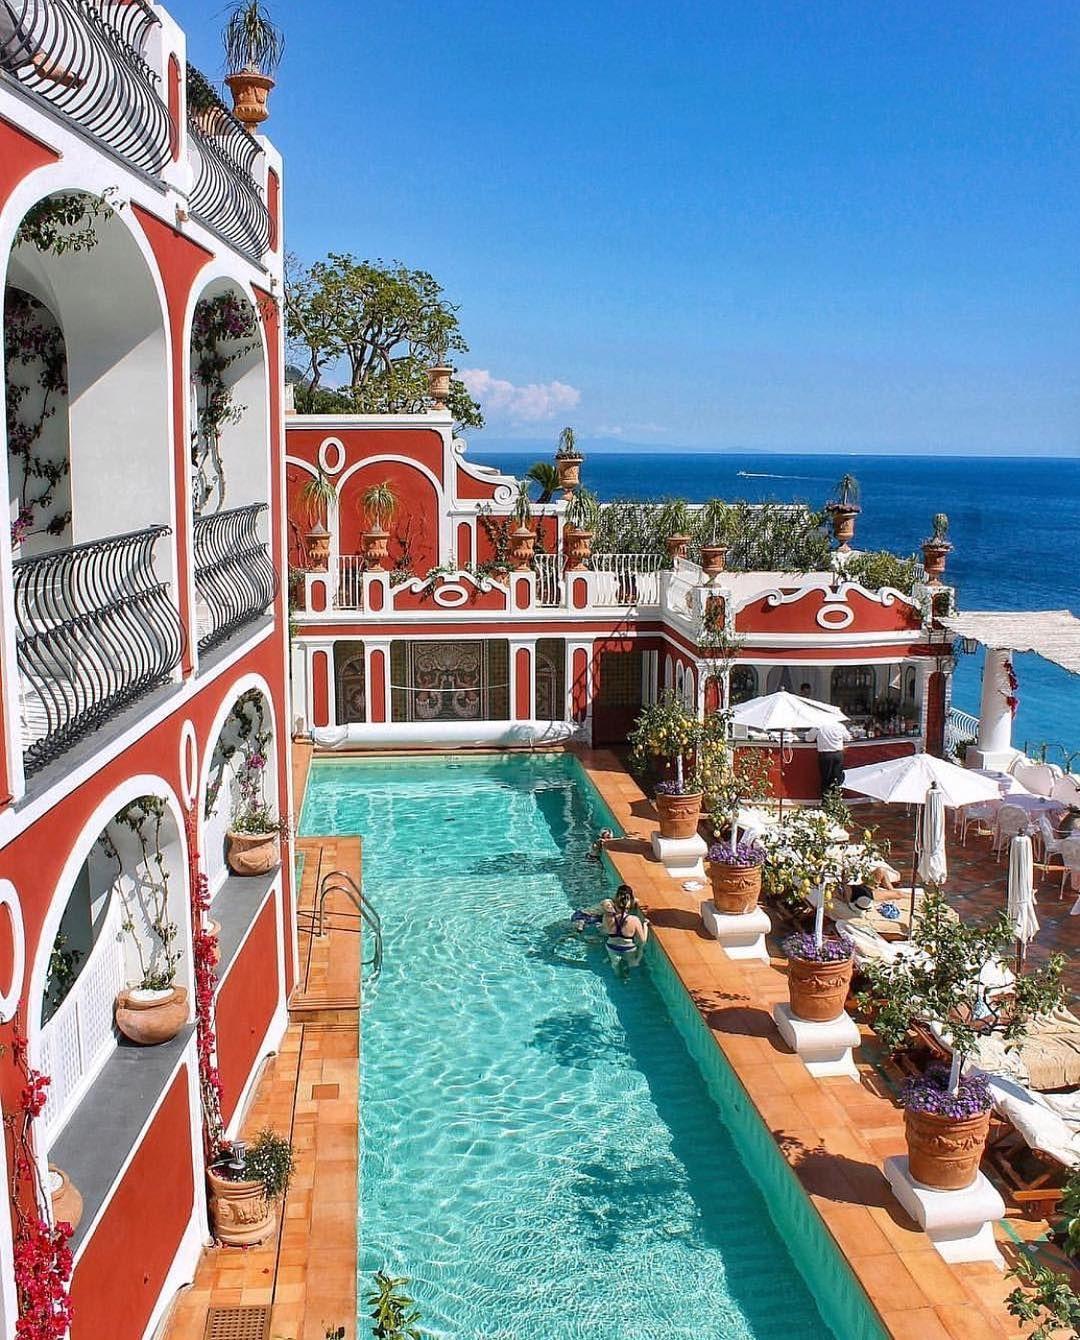 Covo Dei Saraceni Amalfi Coast Hotels Positano Hotels Amalfi Coast